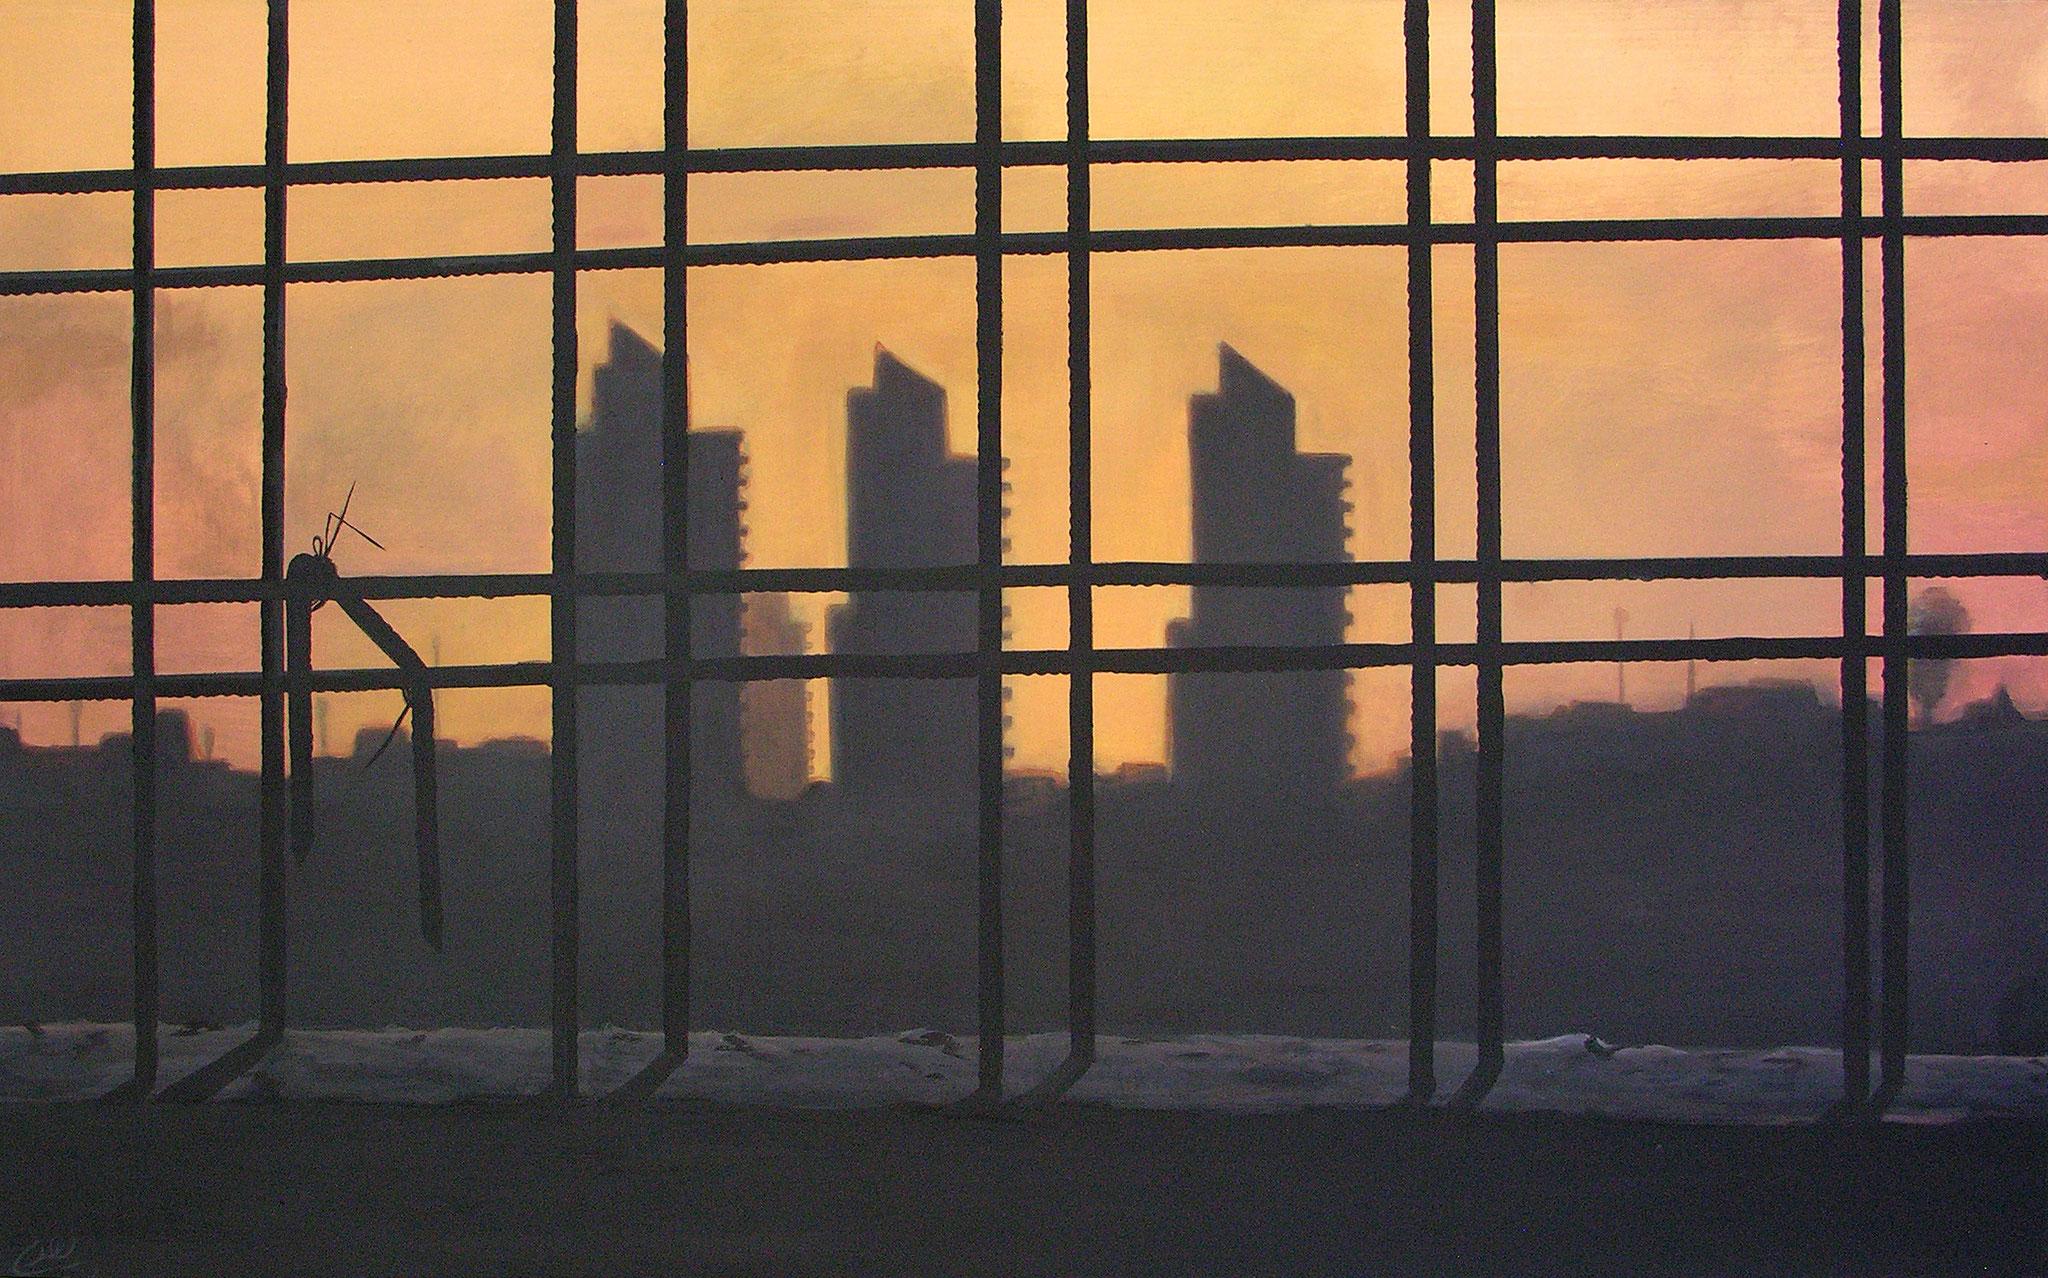 Acrylic on canvas, 190 x 130 cm, 2010